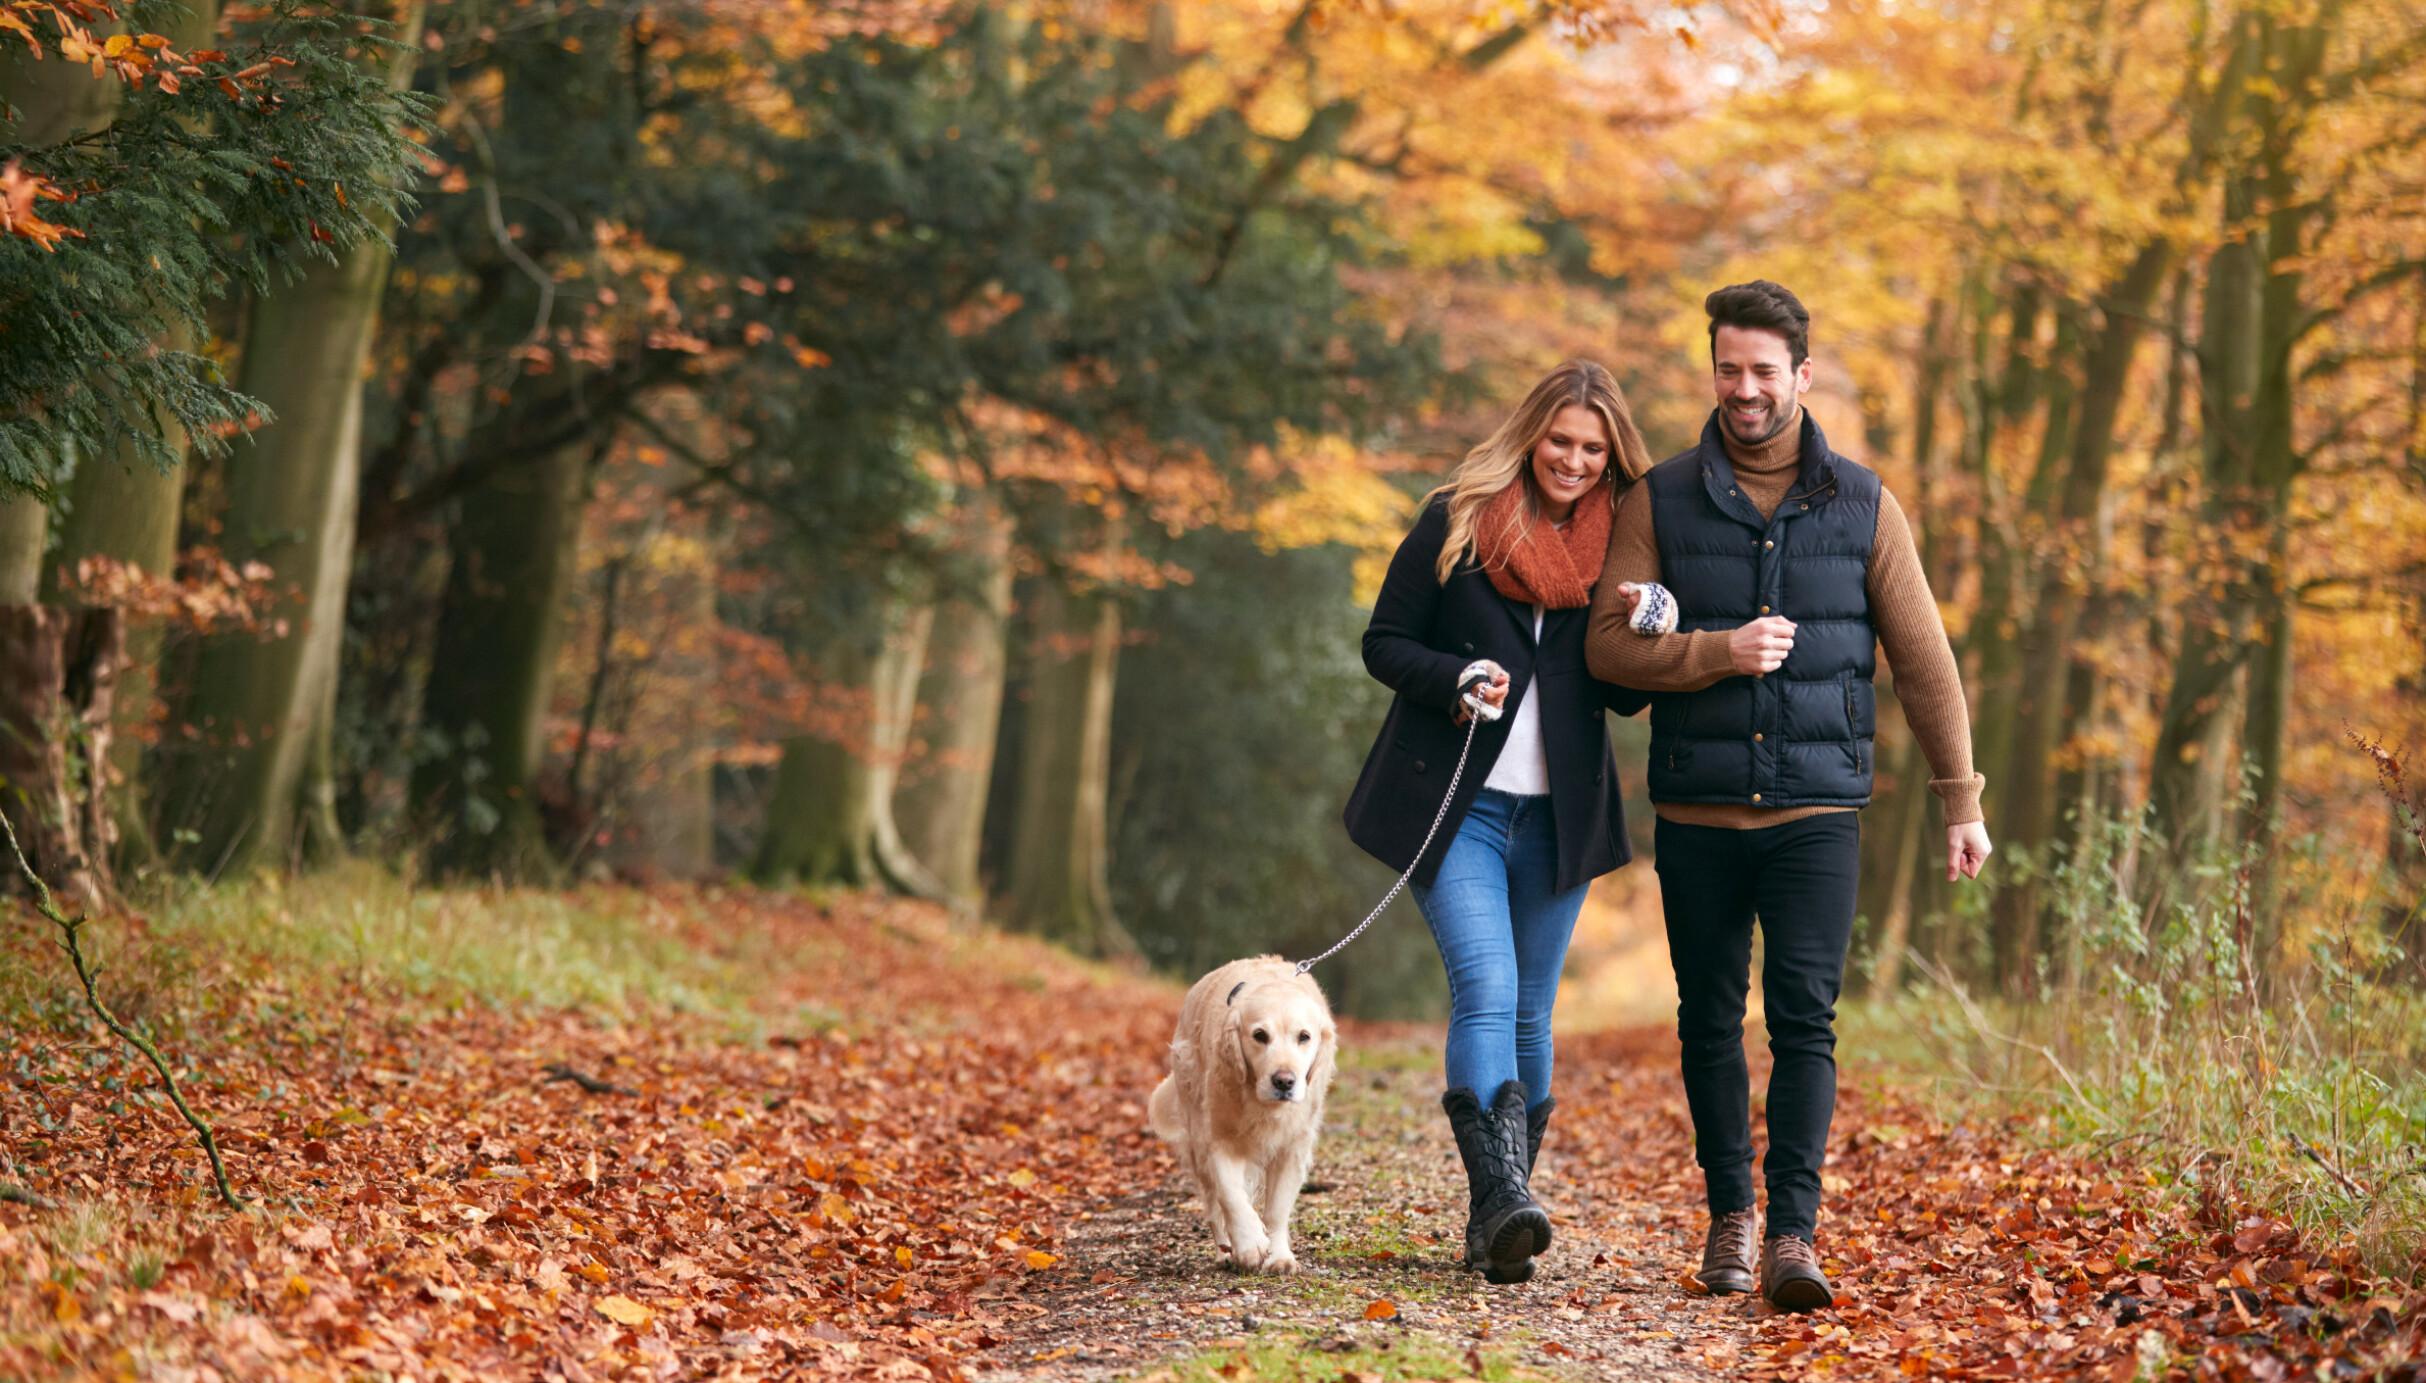 BEDRE EFFEKT: Hvor fort du går, i hvilket terreng og om du går i oppoverbakke, har mye å si for helseeffekten. FOTO: NTB Scanpix